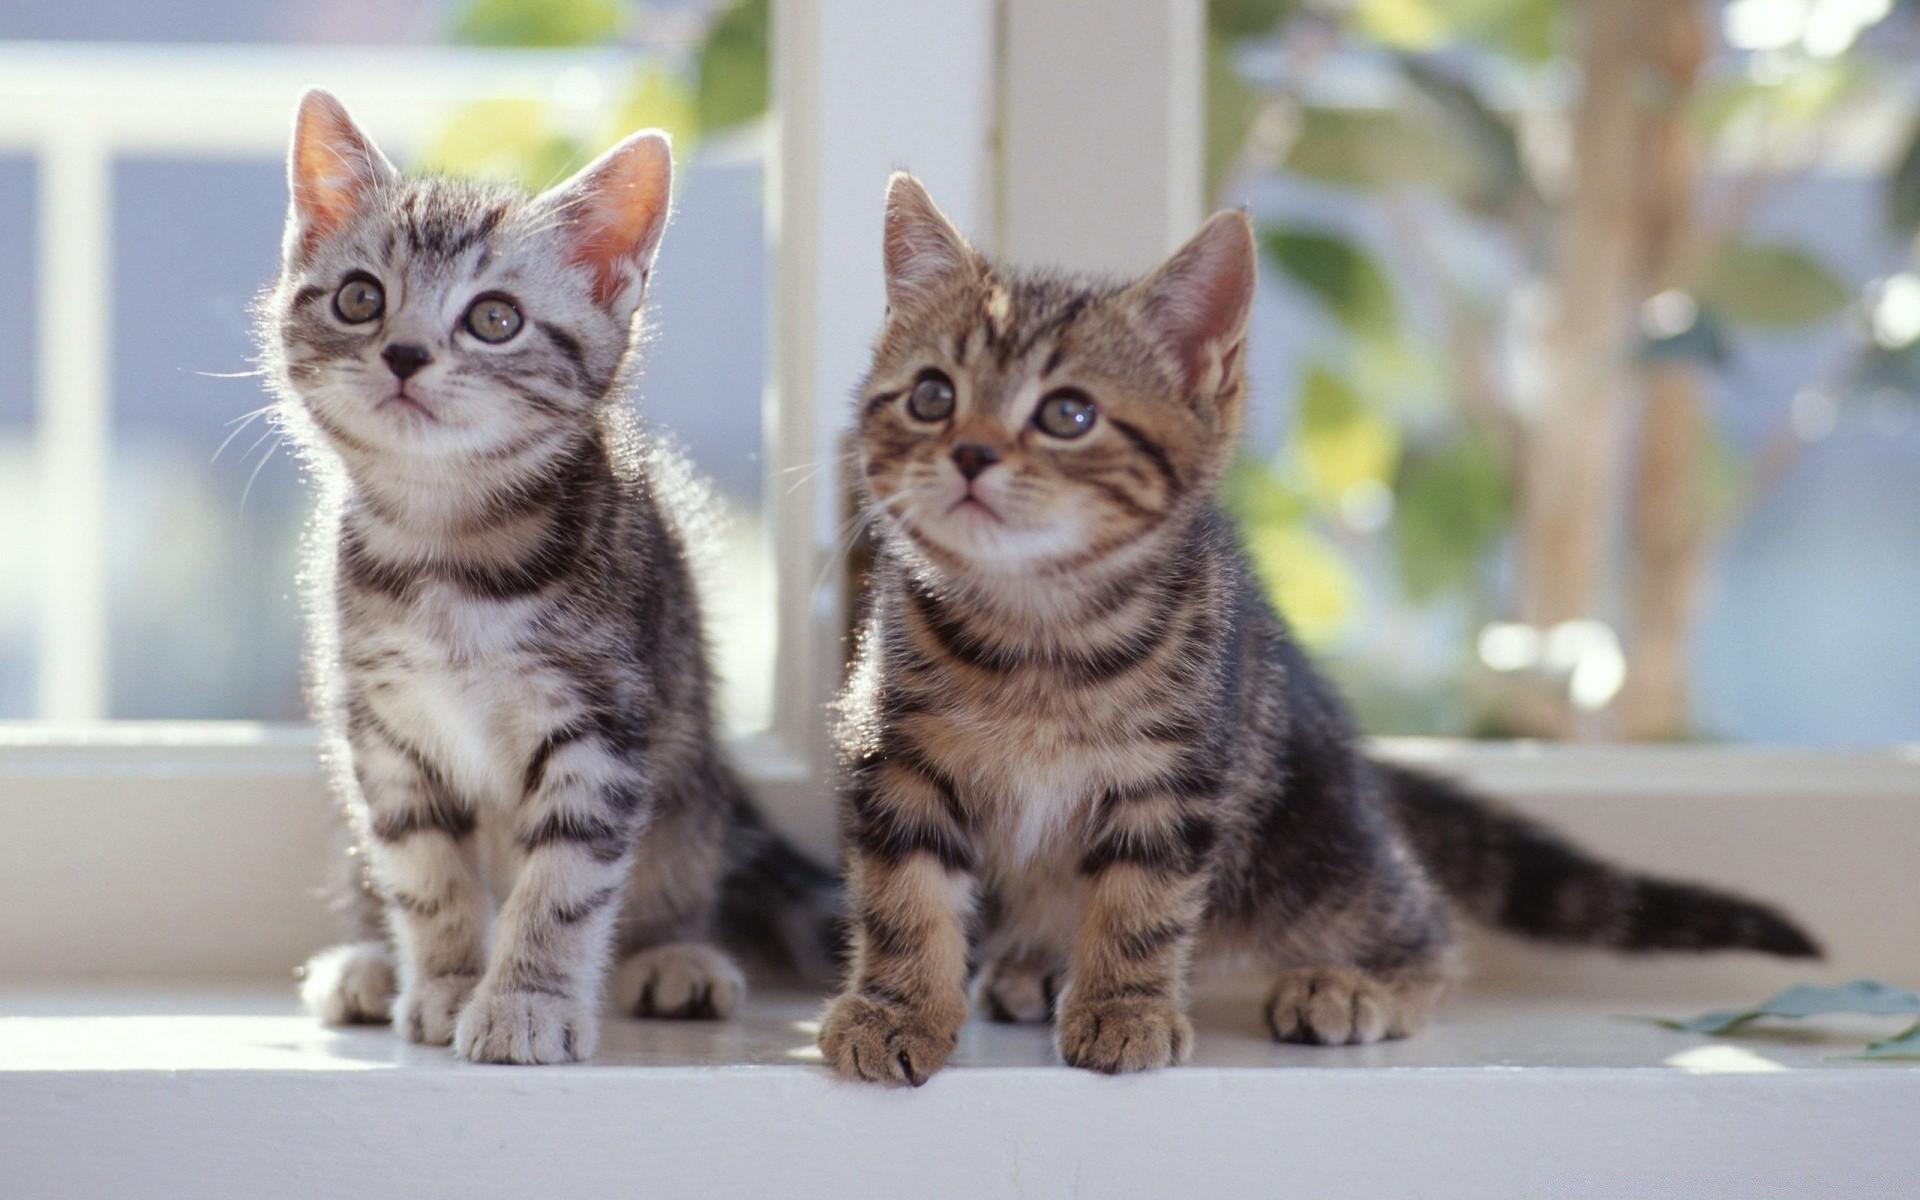 итоге обои на рабочий стол два котенка того как ребенок